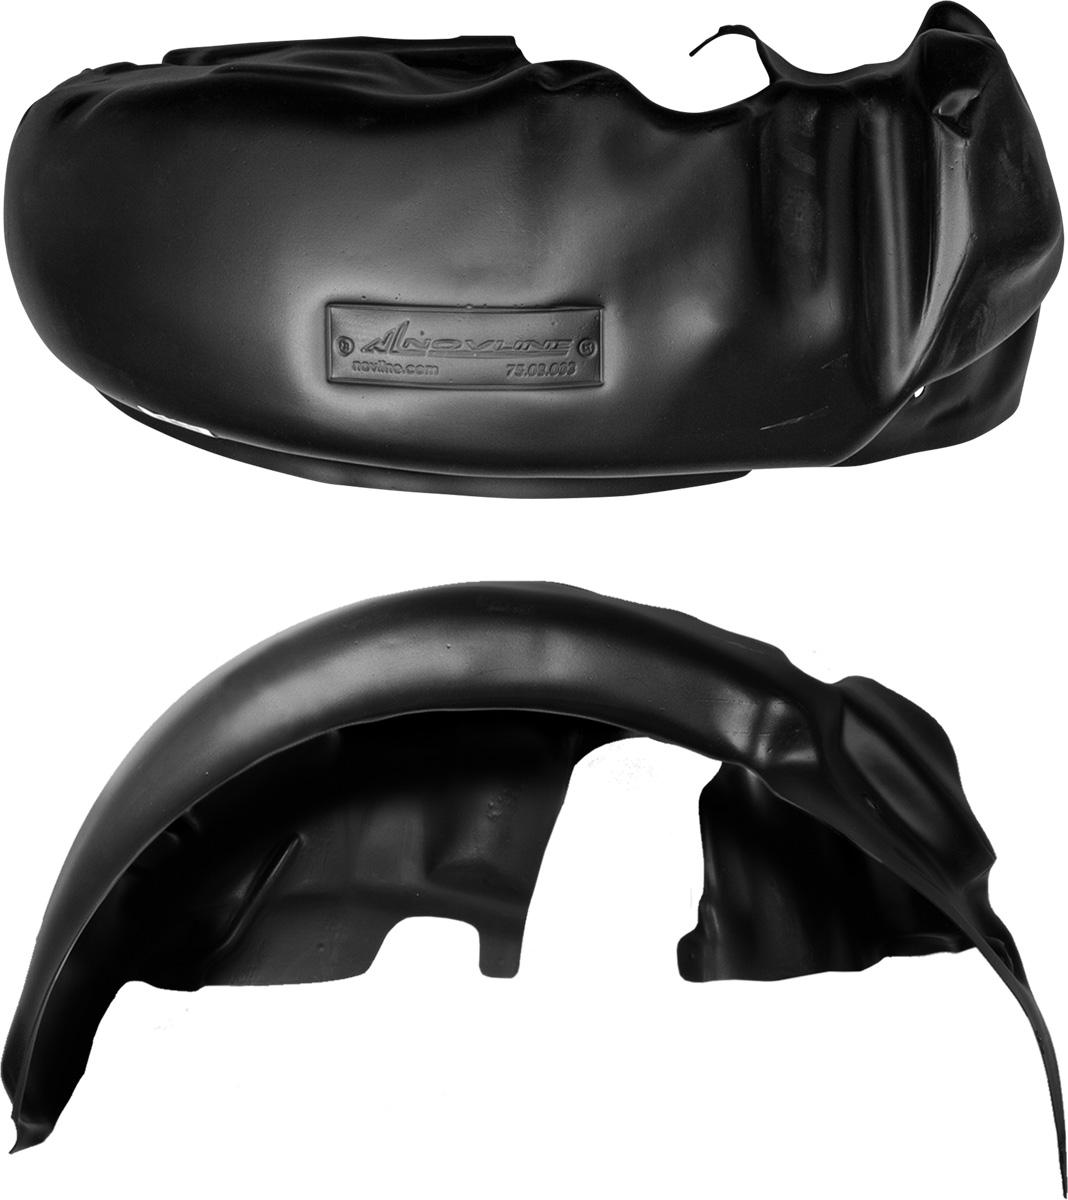 Подкрылок CHEVROLET Spark 2010->, задний левыйNLL.08.14.003Колесные ниши – одни из самых уязвимых зон днища вашего автомобиля. Они постоянно подвергаются воздействию со стороны дороги. Лучшая, почти абсолютная защита для них - специально отформованные пластиковые кожухи, которые называются подкрылками, или локерами. Производятся они как для отечественных моделей автомобилей, так и для иномарок. Подкрылки выполнены из высококачественного, экологически чистого пластика. Обеспечивают надежную защиту кузова автомобиля от пескоструйного эффекта и негативного влияния, агрессивных антигололедных реагентов. Пластик обладает более низкой теплопроводностью, чем металл, поэтому в зимний период эксплуатации использование пластиковых подкрылков позволяет лучше защитить колесные ниши от налипания снега и образования наледи. Оригинальность конструкции подчеркивает элегантность автомобиля, бережно защищает нанесенное на днище кузова антикоррозийное покрытие и позволяет осуществить крепление подкрылков внутри колесной арки практически без дополнительного...